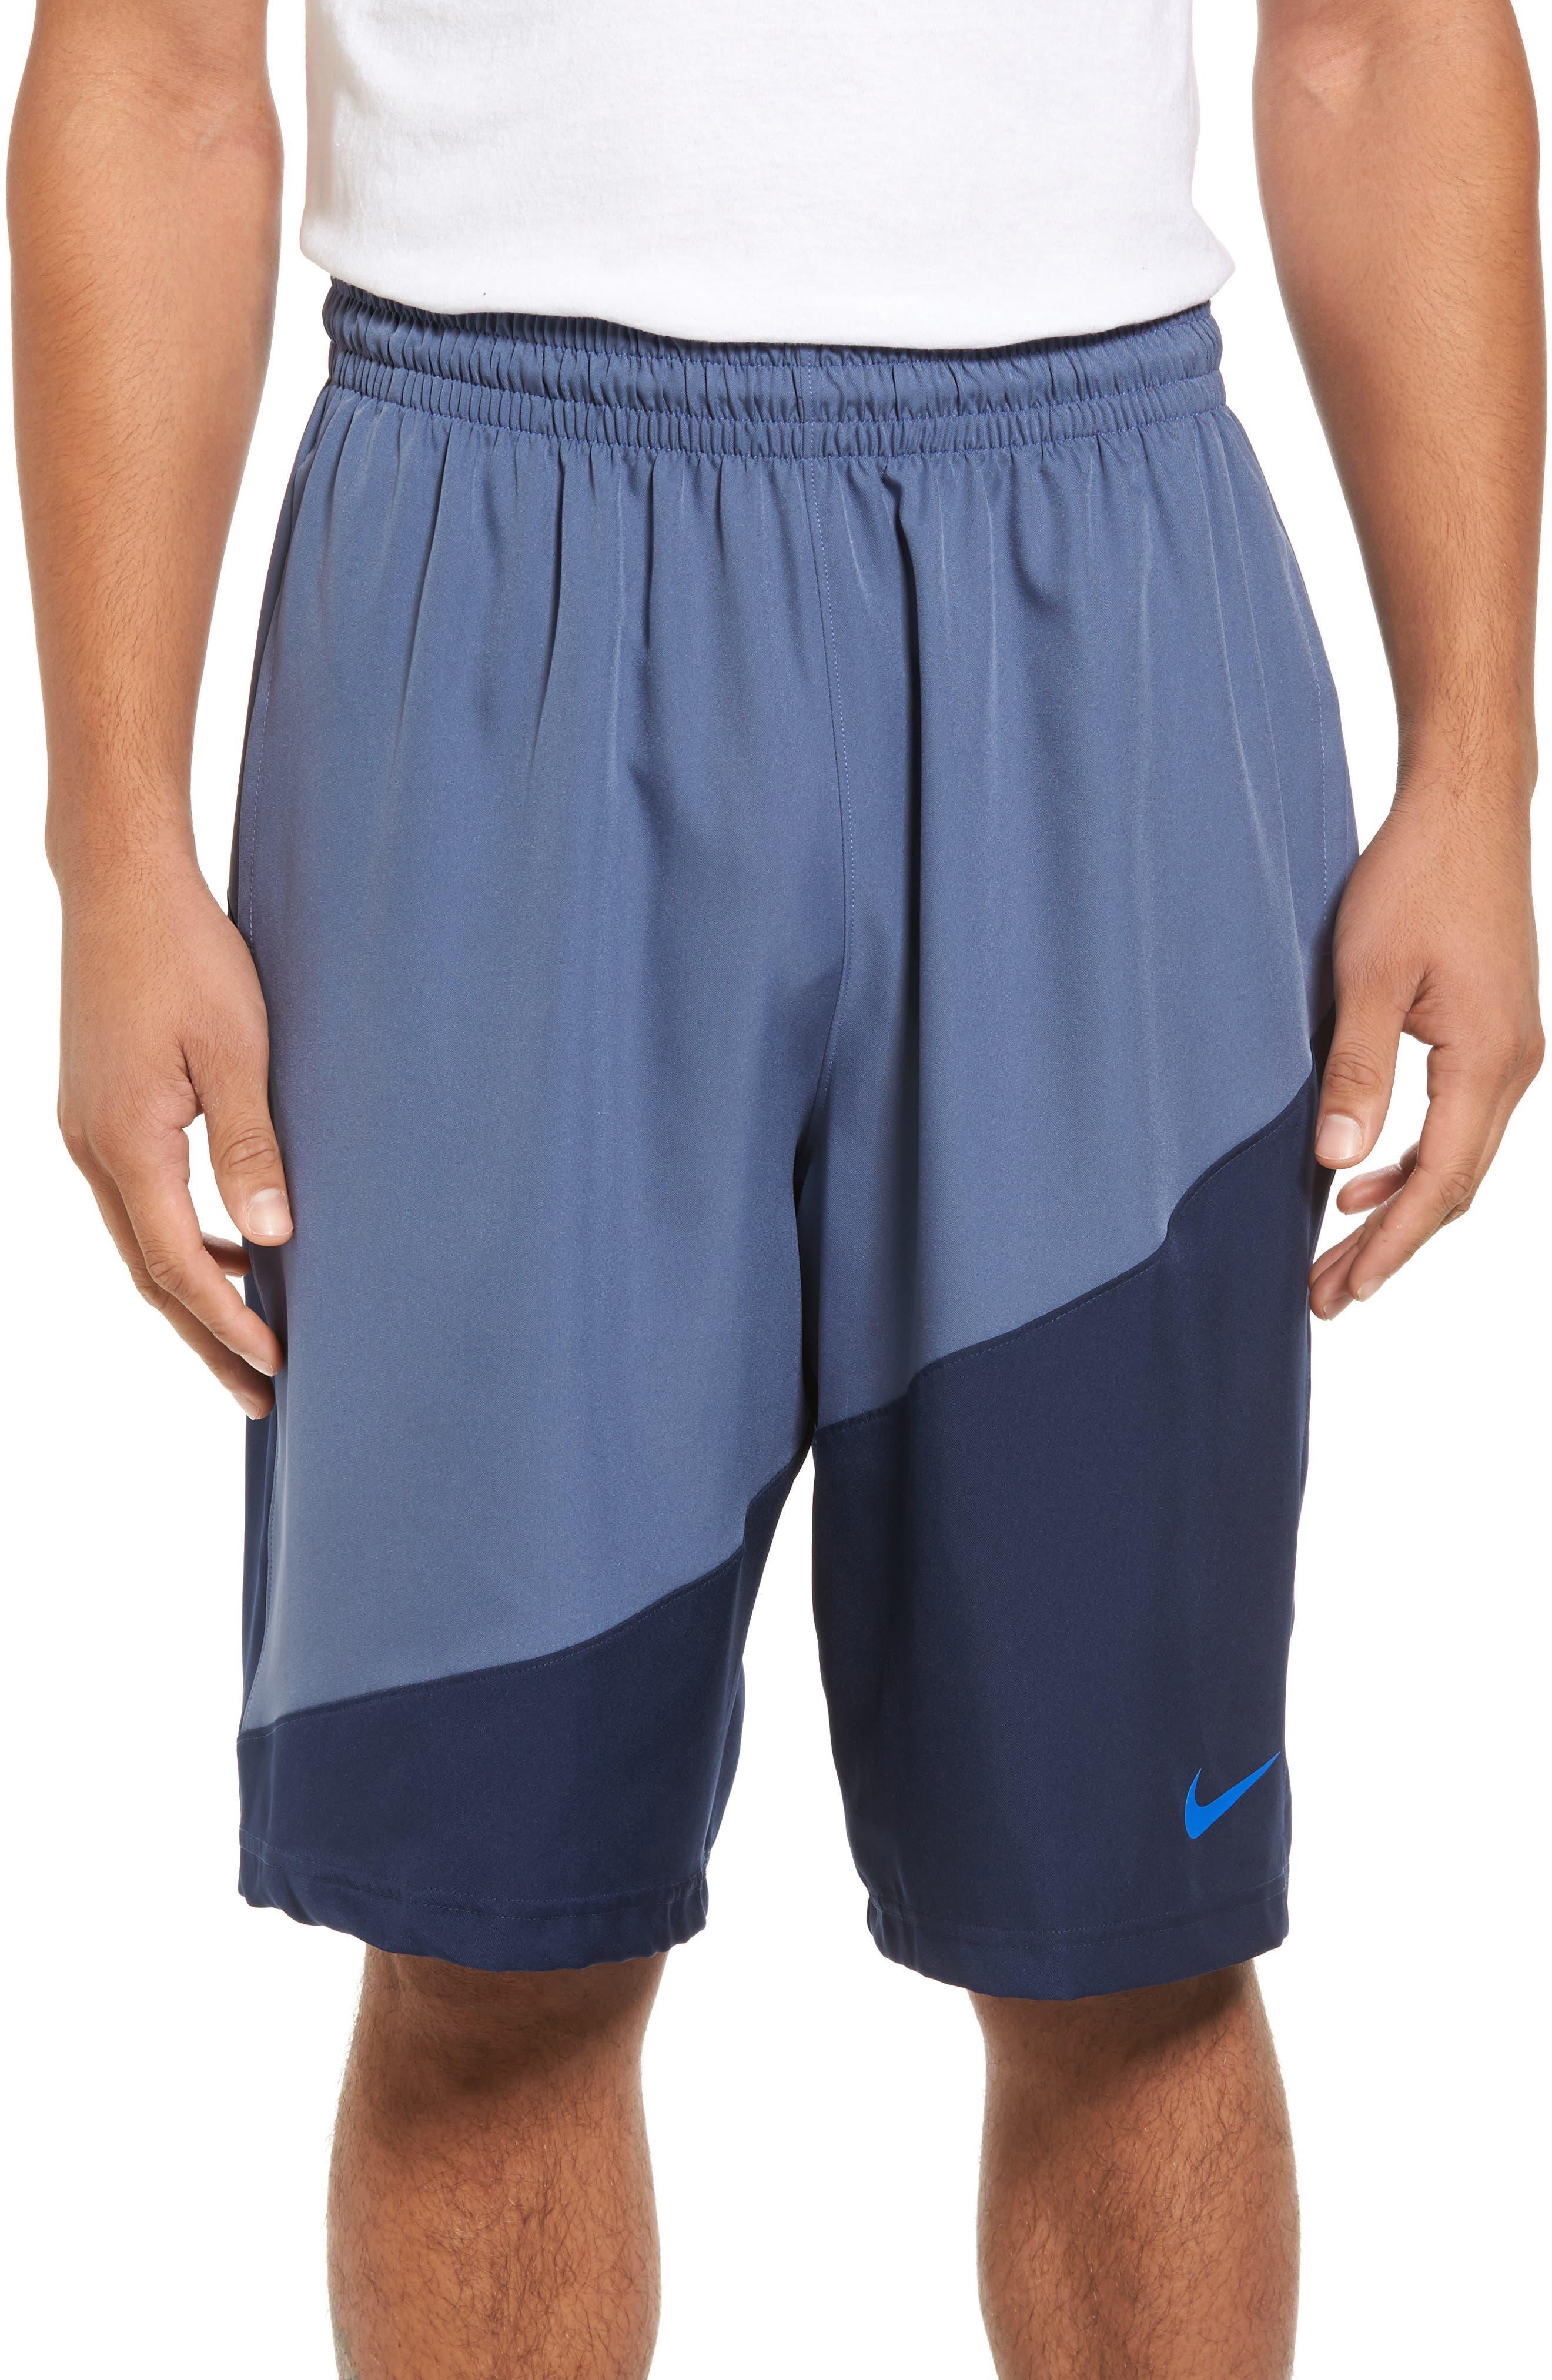 Main Image - Nike Dry Shorts